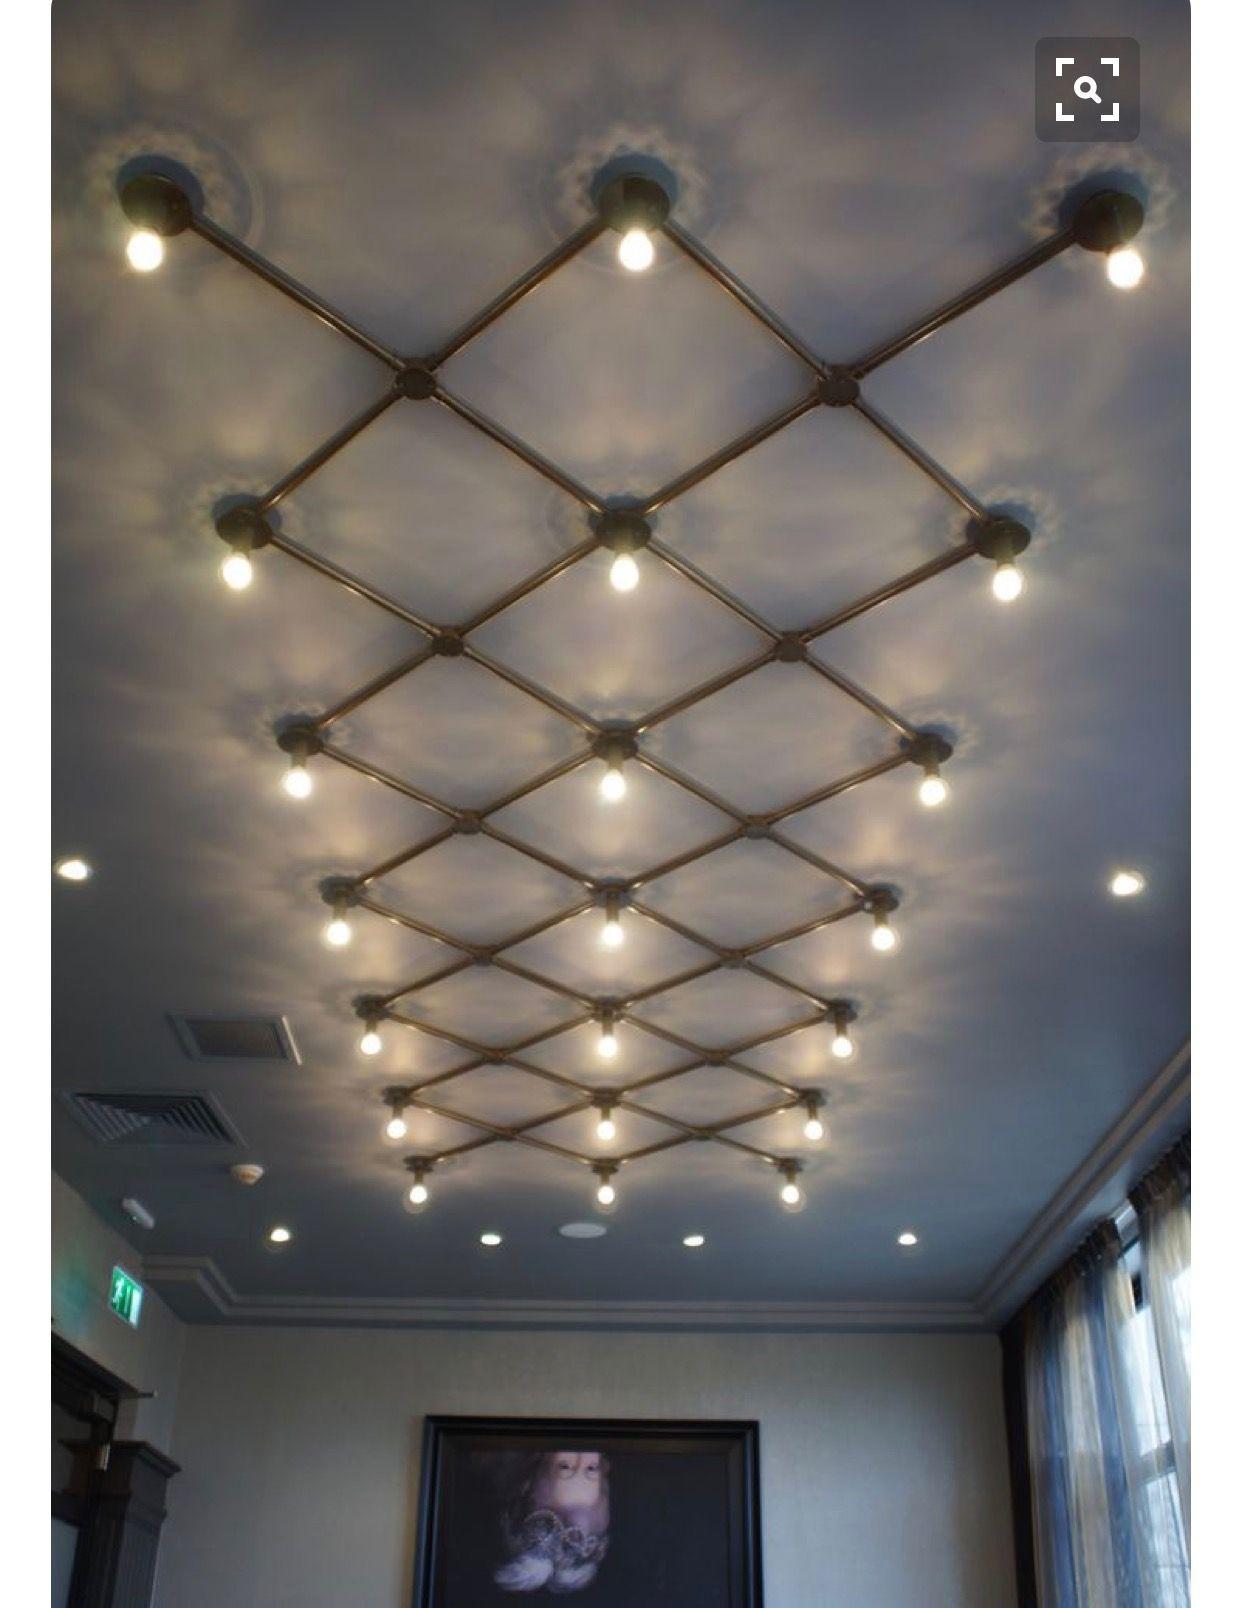 Pin By Nelson De Castro On Lighting Ceiling Light Design